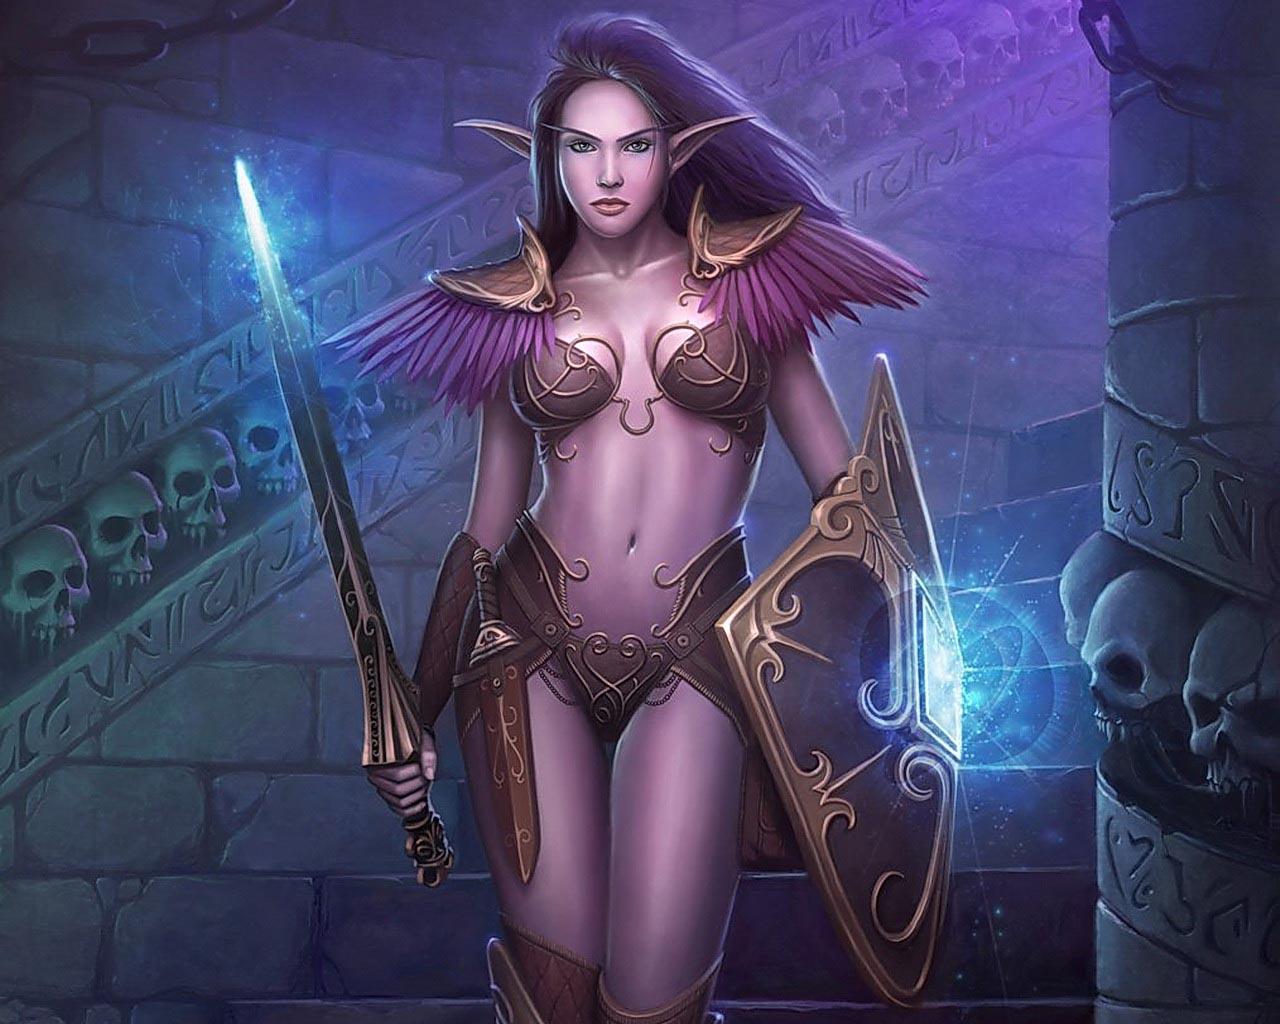 сексуальная девушка эльф, скачать фото, обои на рабочий стол, elf